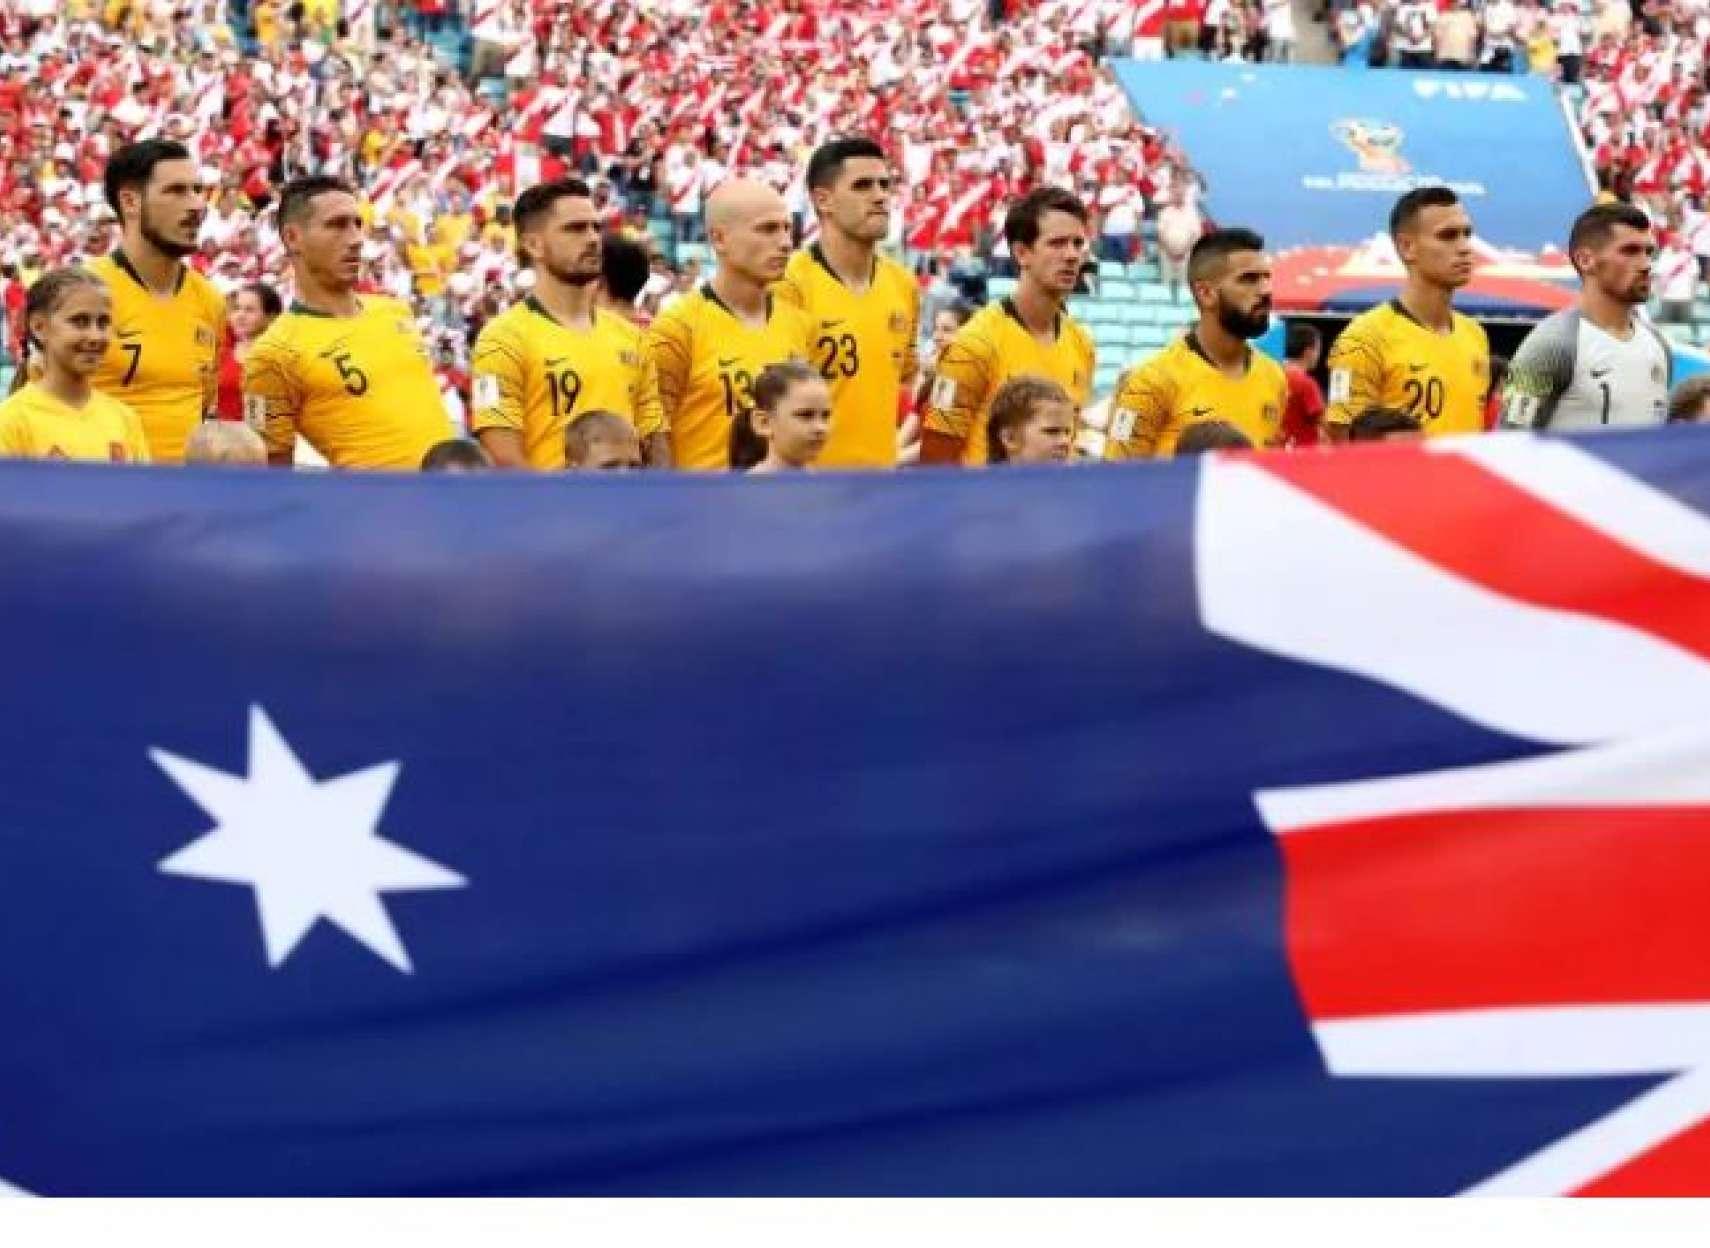 تغییر-سرود-ملی-استرالیا-به-نفع-بومیان-و-شاید-مهاجران-درسی-که-استرالیا-به-کانادا-و-سایر-کشورها- آموخت